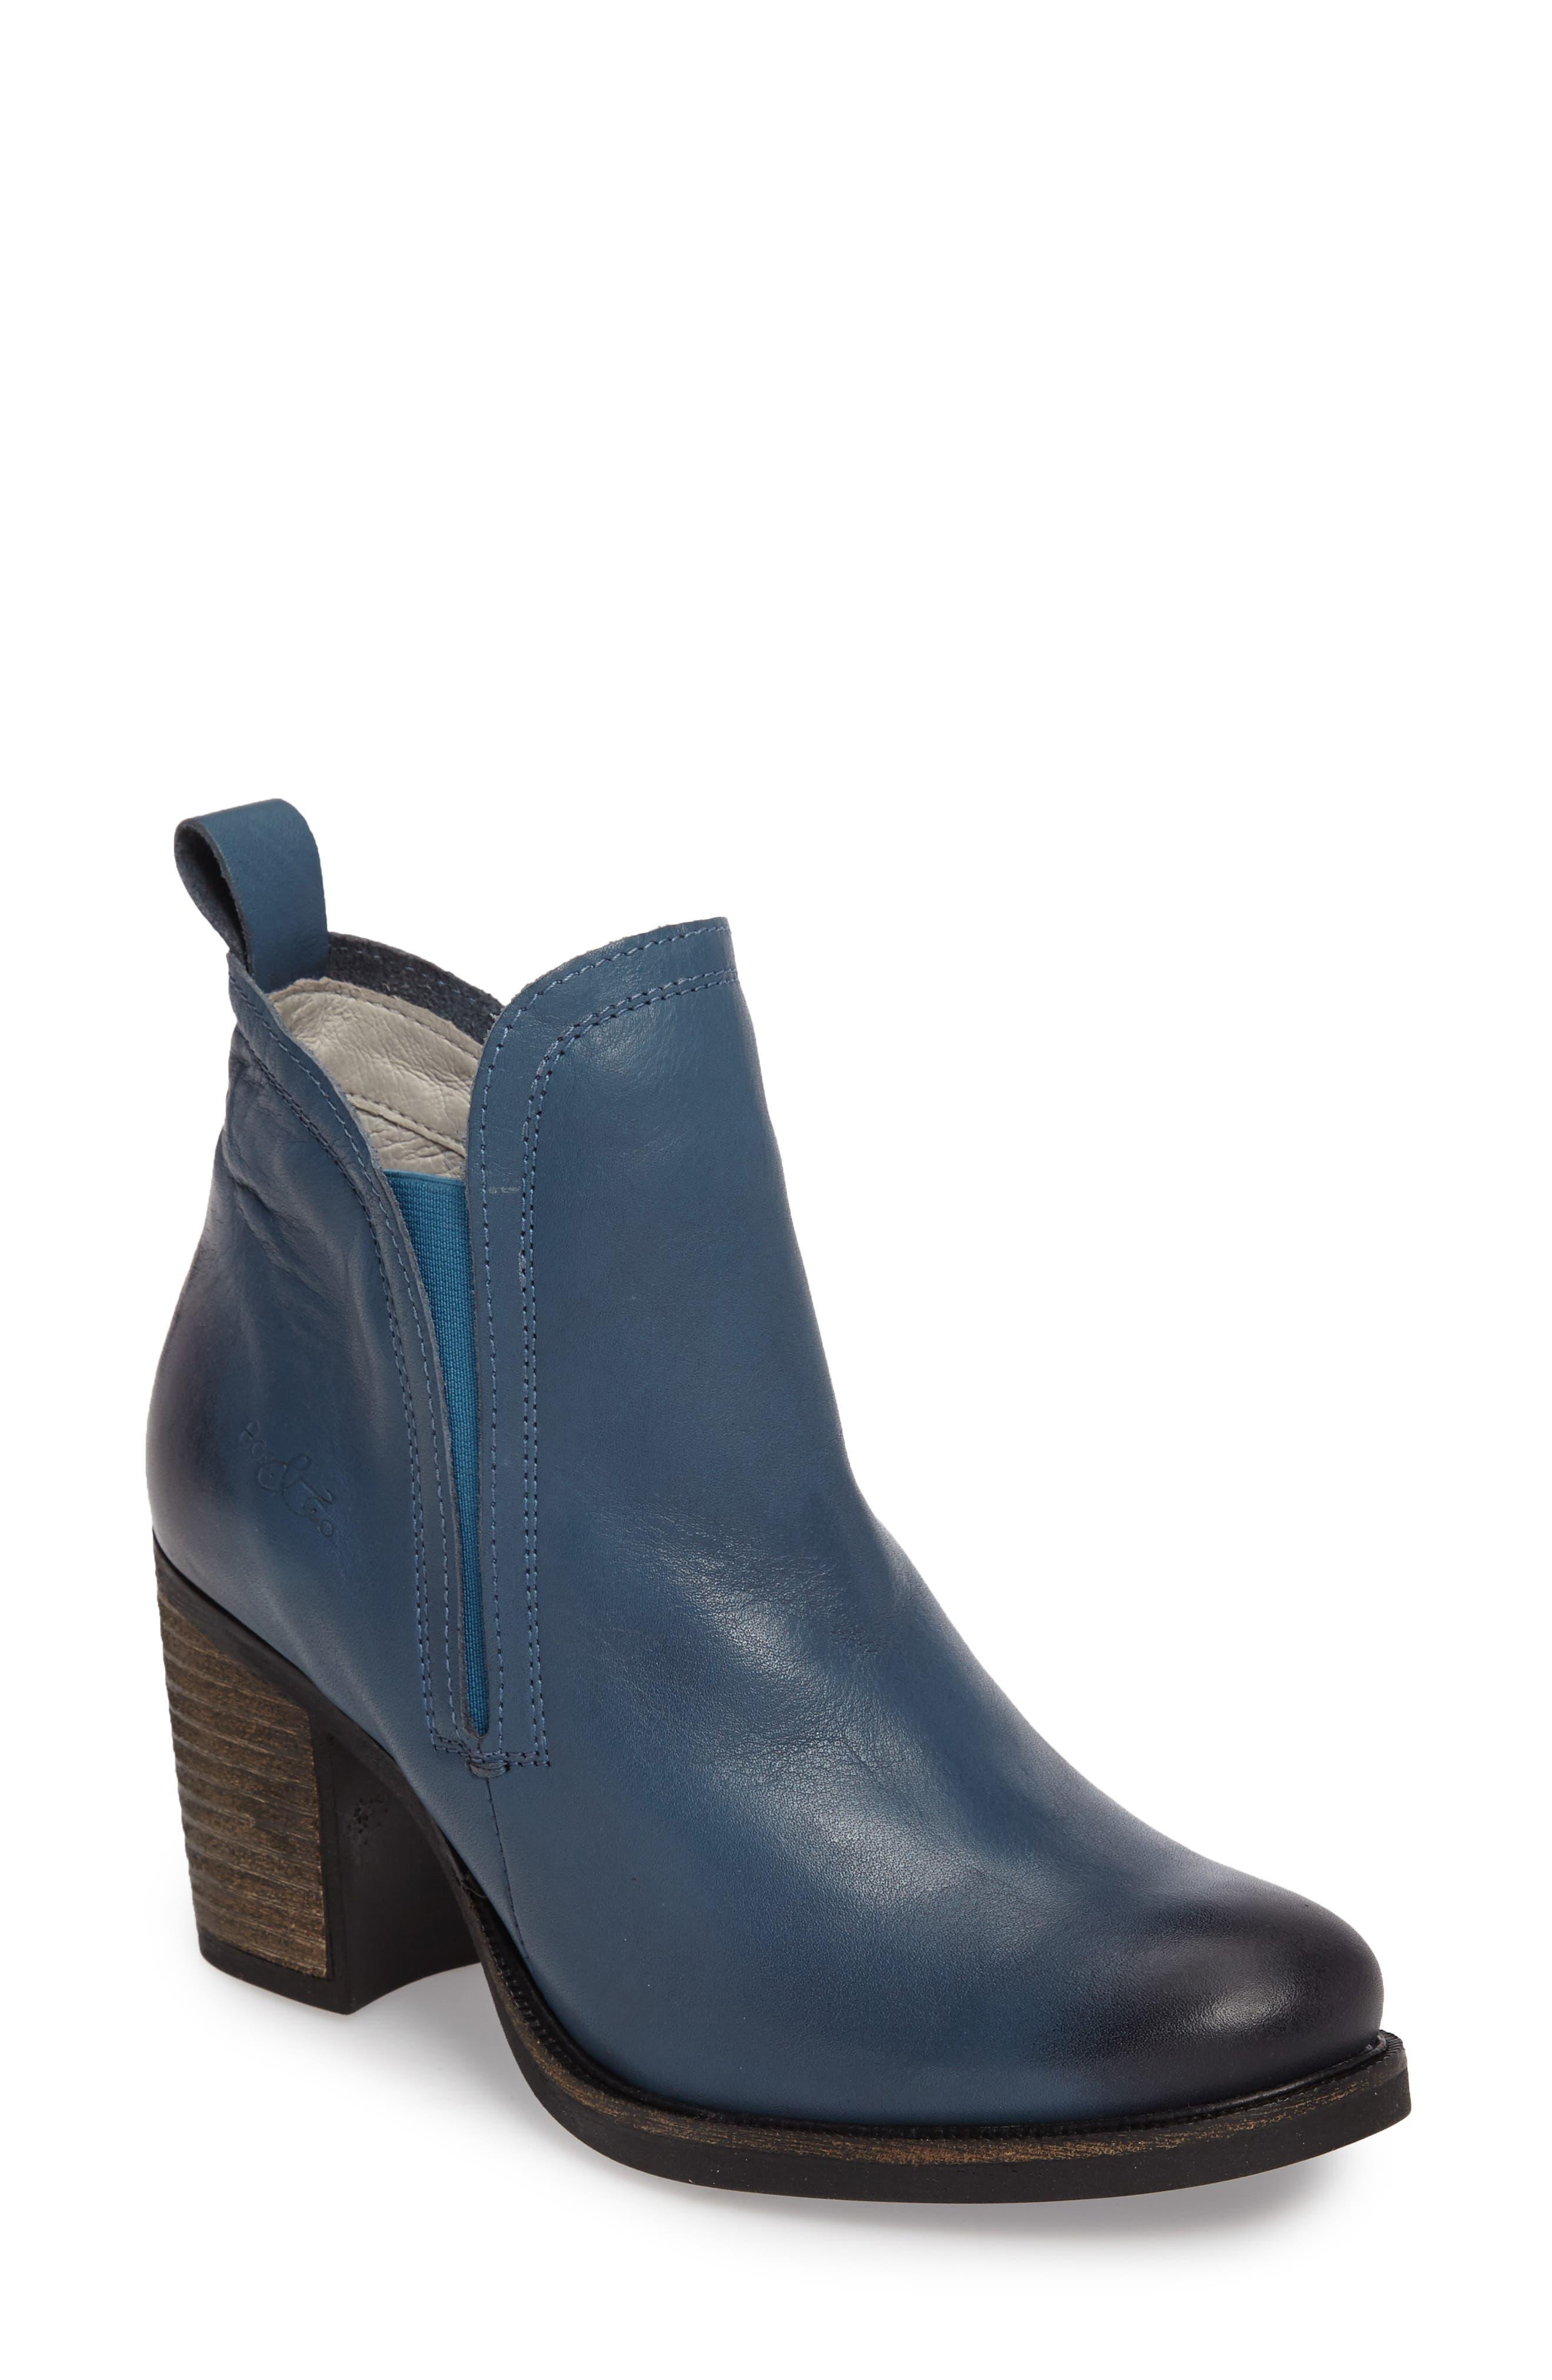 Belfielding Waterproof Chelsea Boot,                         Main,                         color, Jeans/ Black Leather